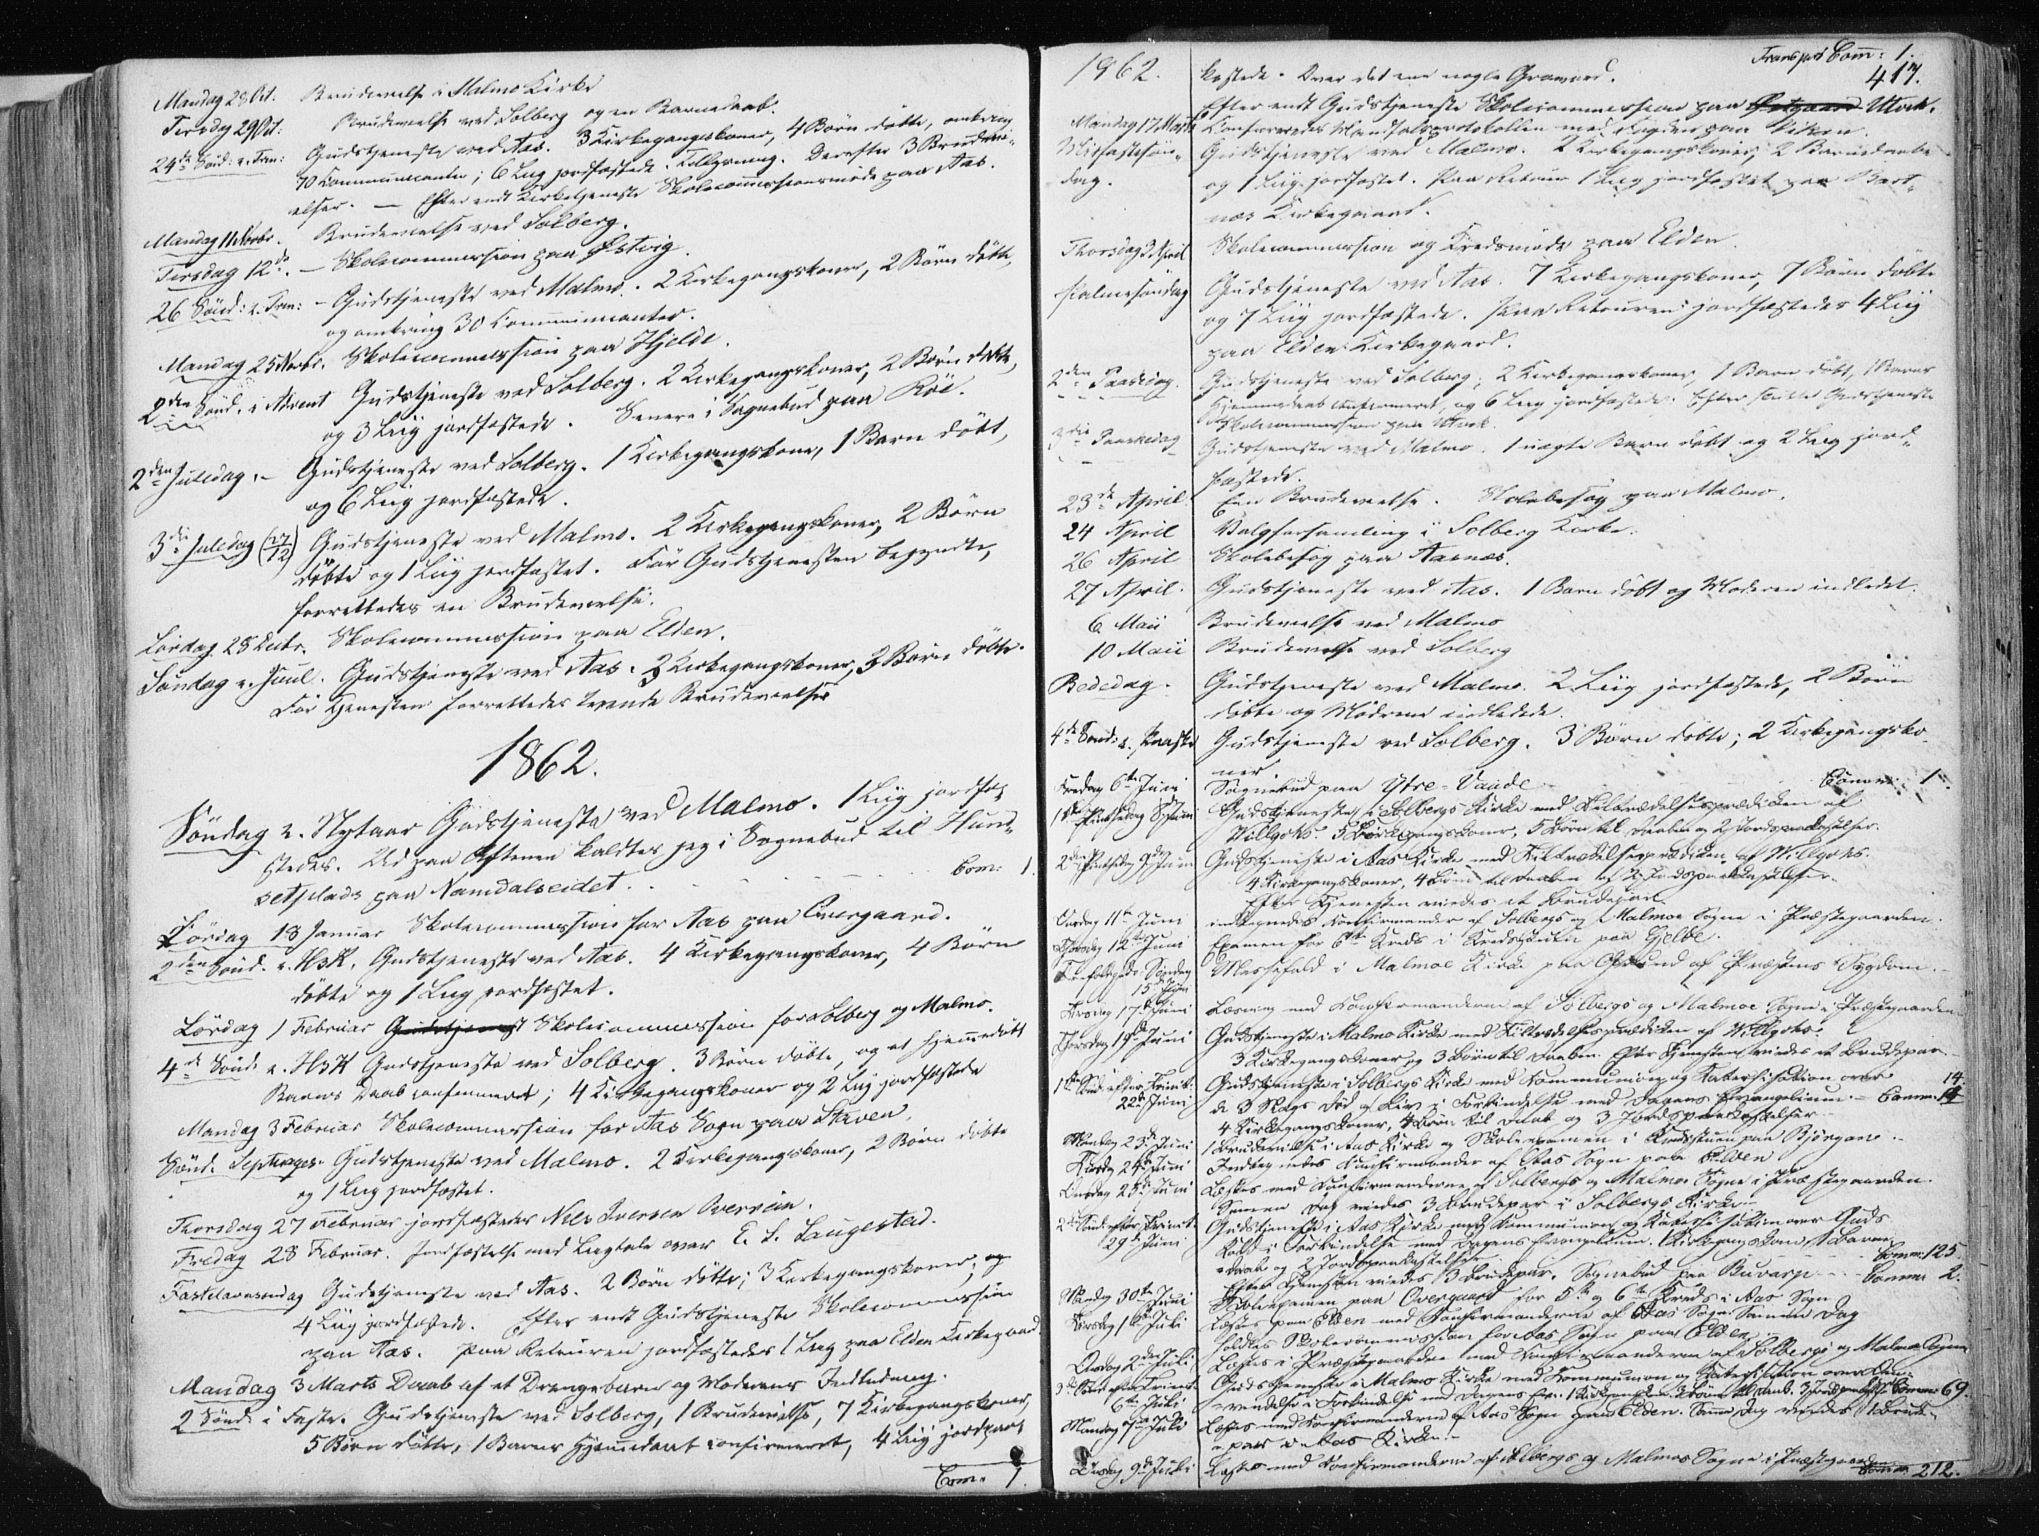 SAT, Ministerialprotokoller, klokkerbøker og fødselsregistre - Nord-Trøndelag, 741/L0393: Ministerialbok nr. 741A07, 1849-1863, s. 417